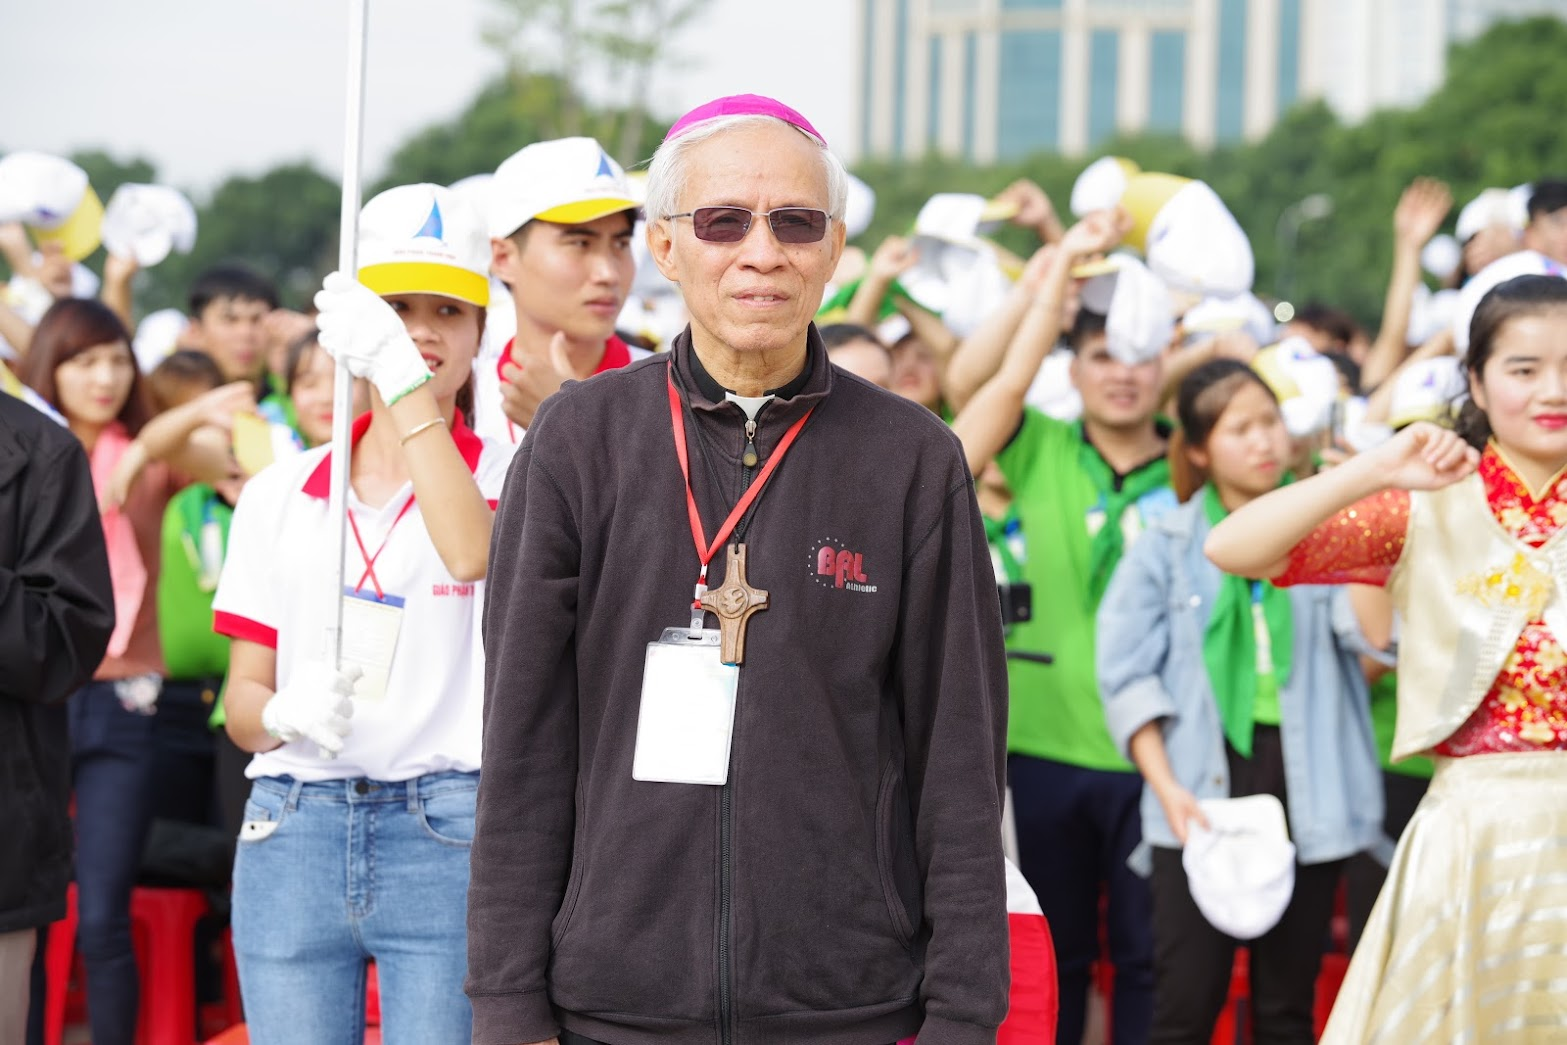 Những hình ảnh đẹp về lễ khai mạc Đại Hội Giới Trẻ giáo tỉnh Hà Nội lần thứ XV tại Thanh Hóa - Ảnh minh hoạ 28